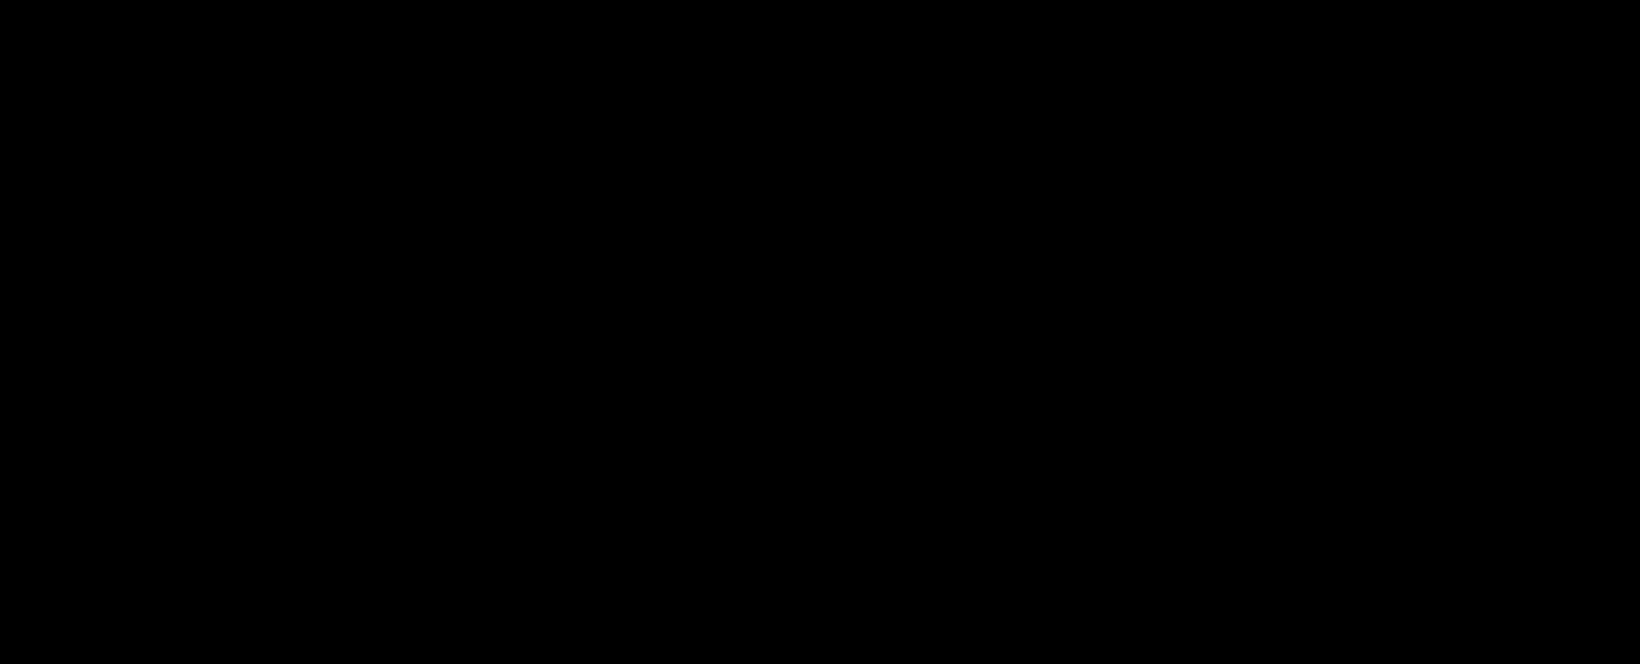 92586656 2fe82700 f2b4 11ea 83f5 8dedbb4d9c16 - Garud: Discover subdomains automatically